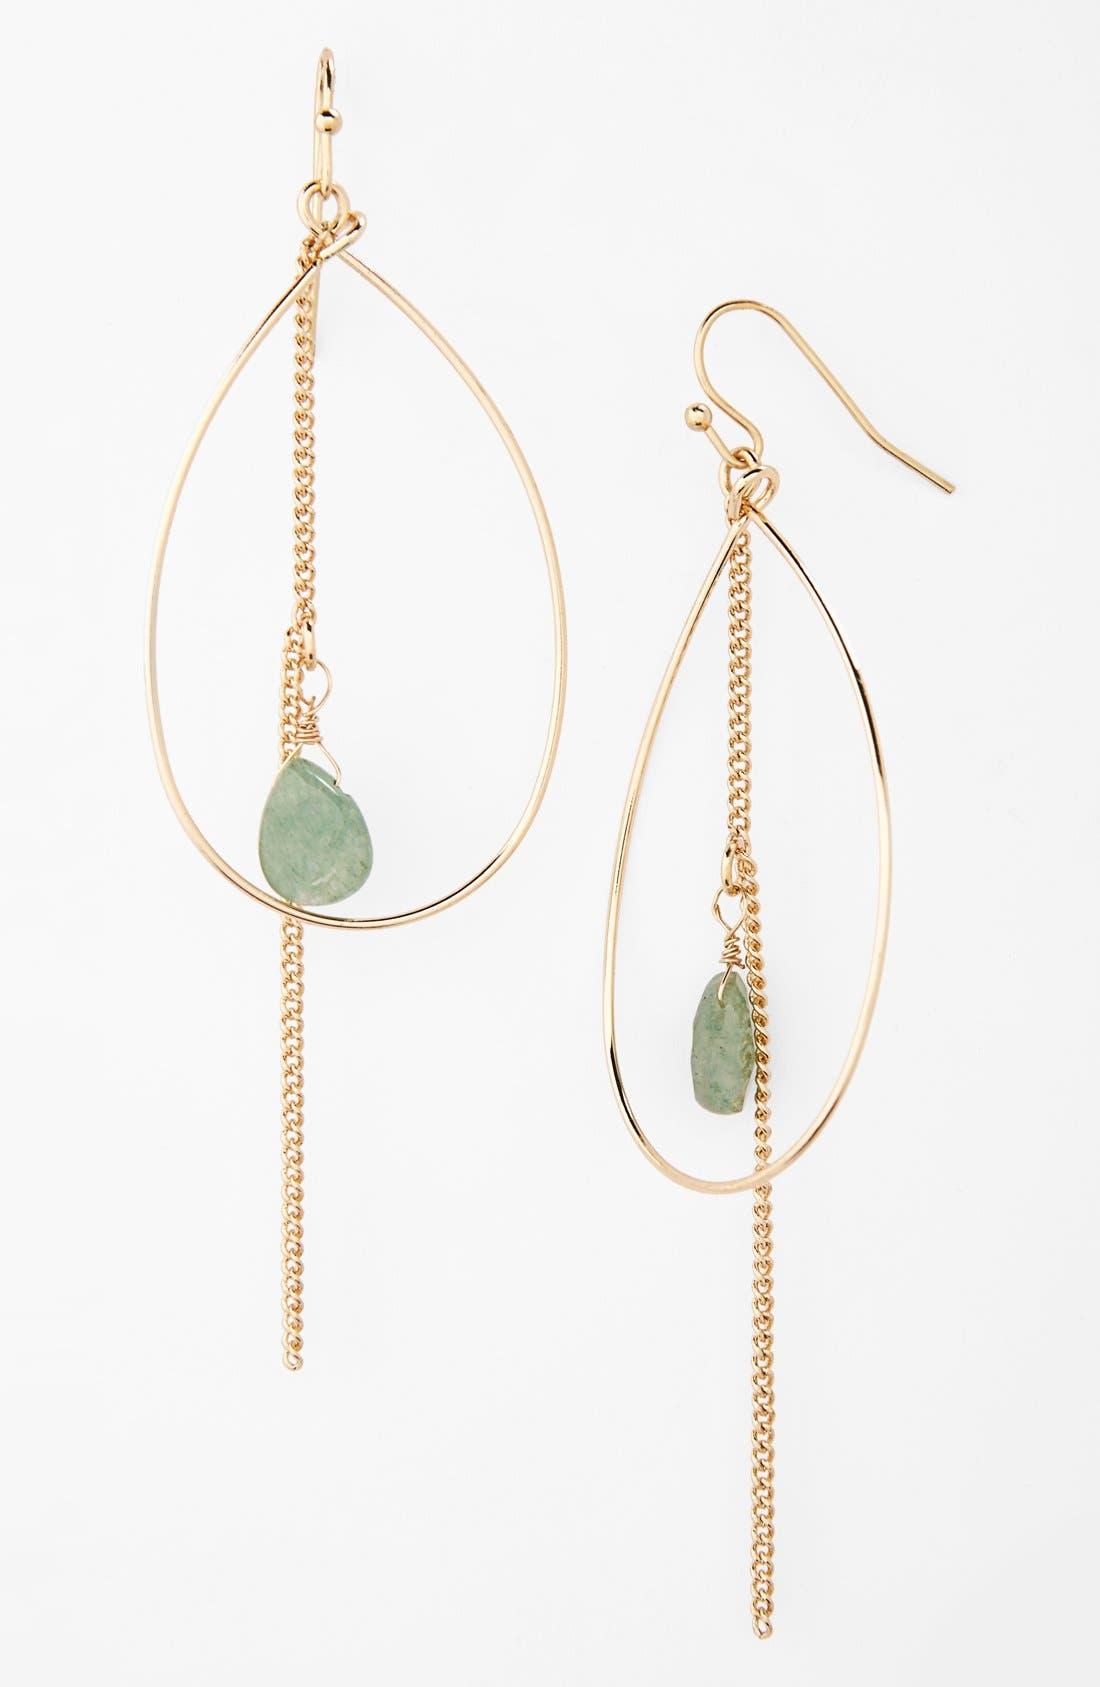 Main Image - BP. Stone & Hoop Drop Earrings